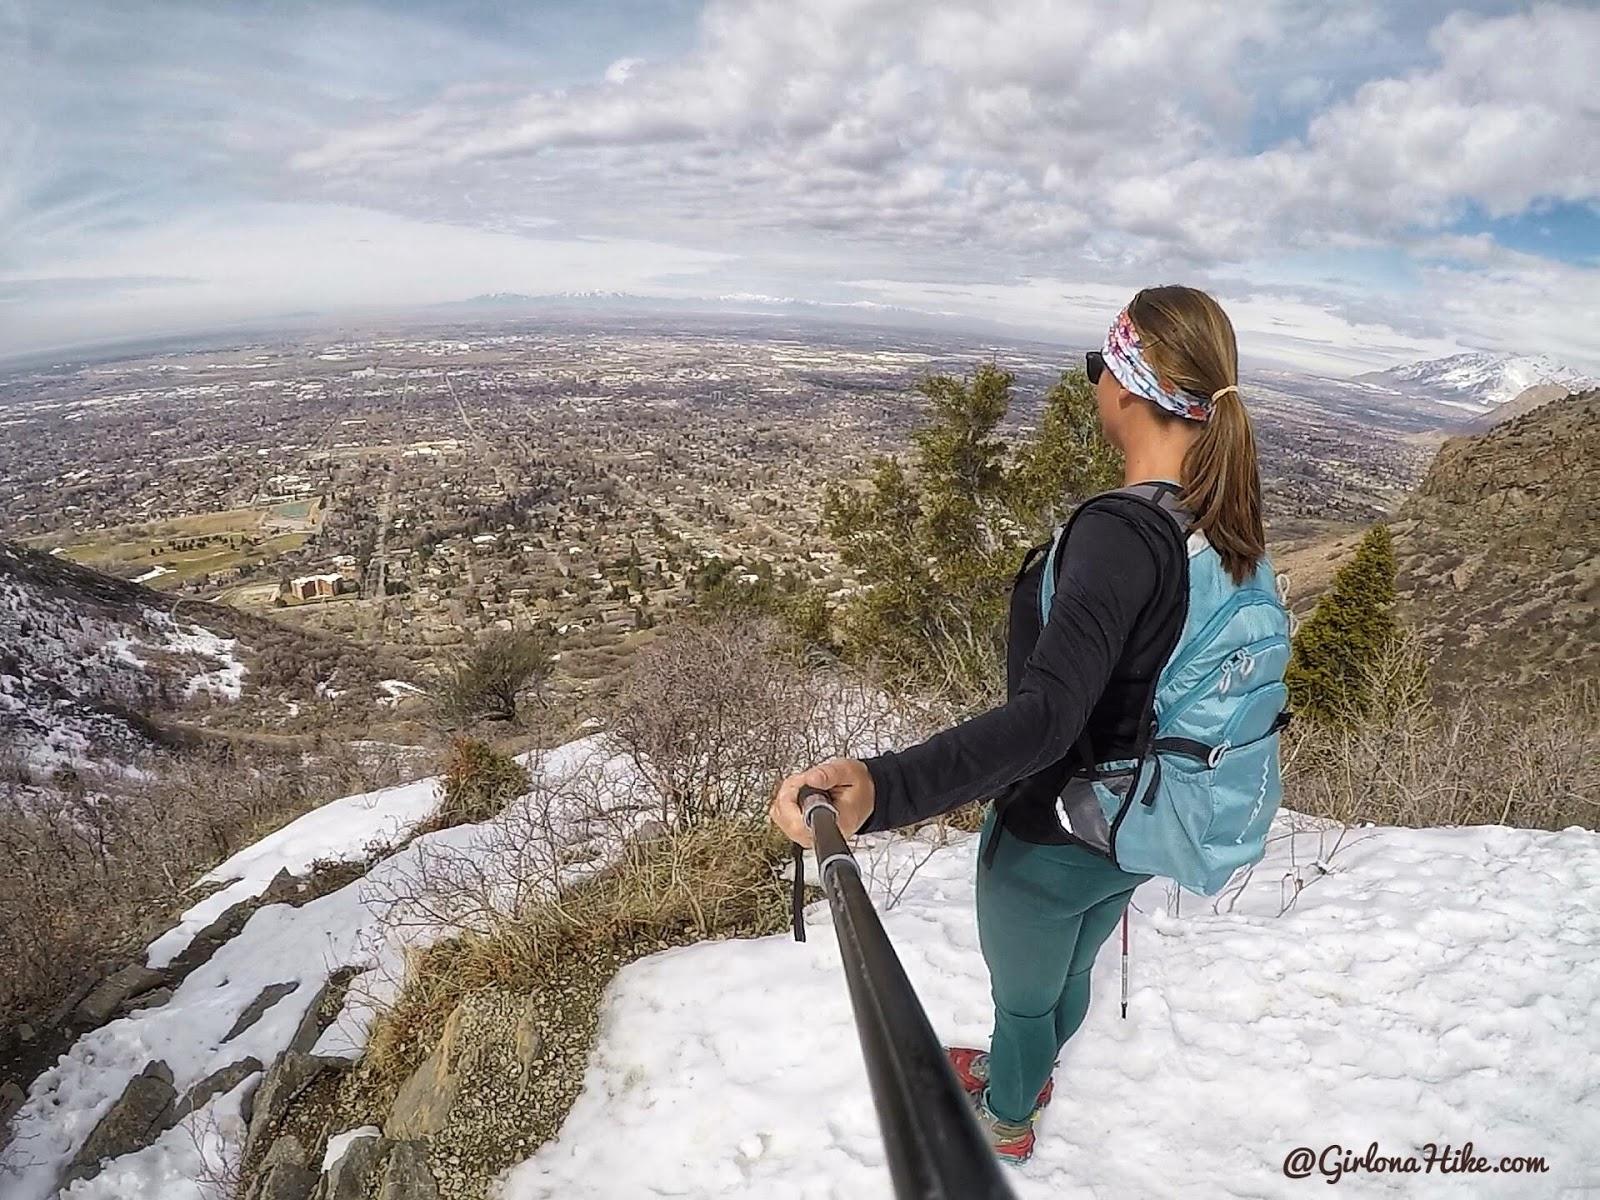 Hiking to Malan's Peak, Ogden, Utah, Hiking in Utah with Dogs